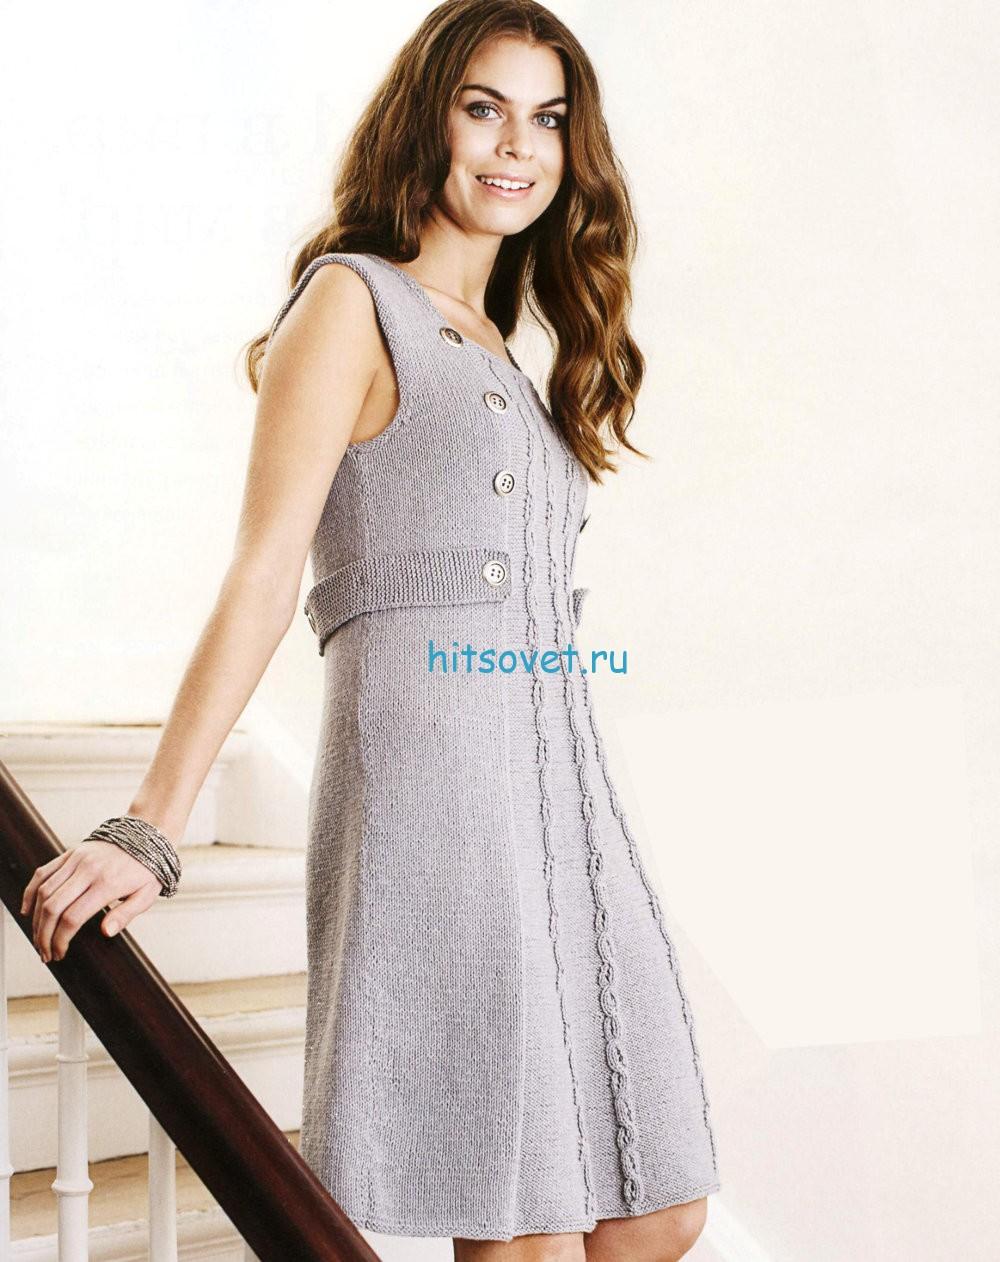 Вязаное платье на круговых спицах, фото.